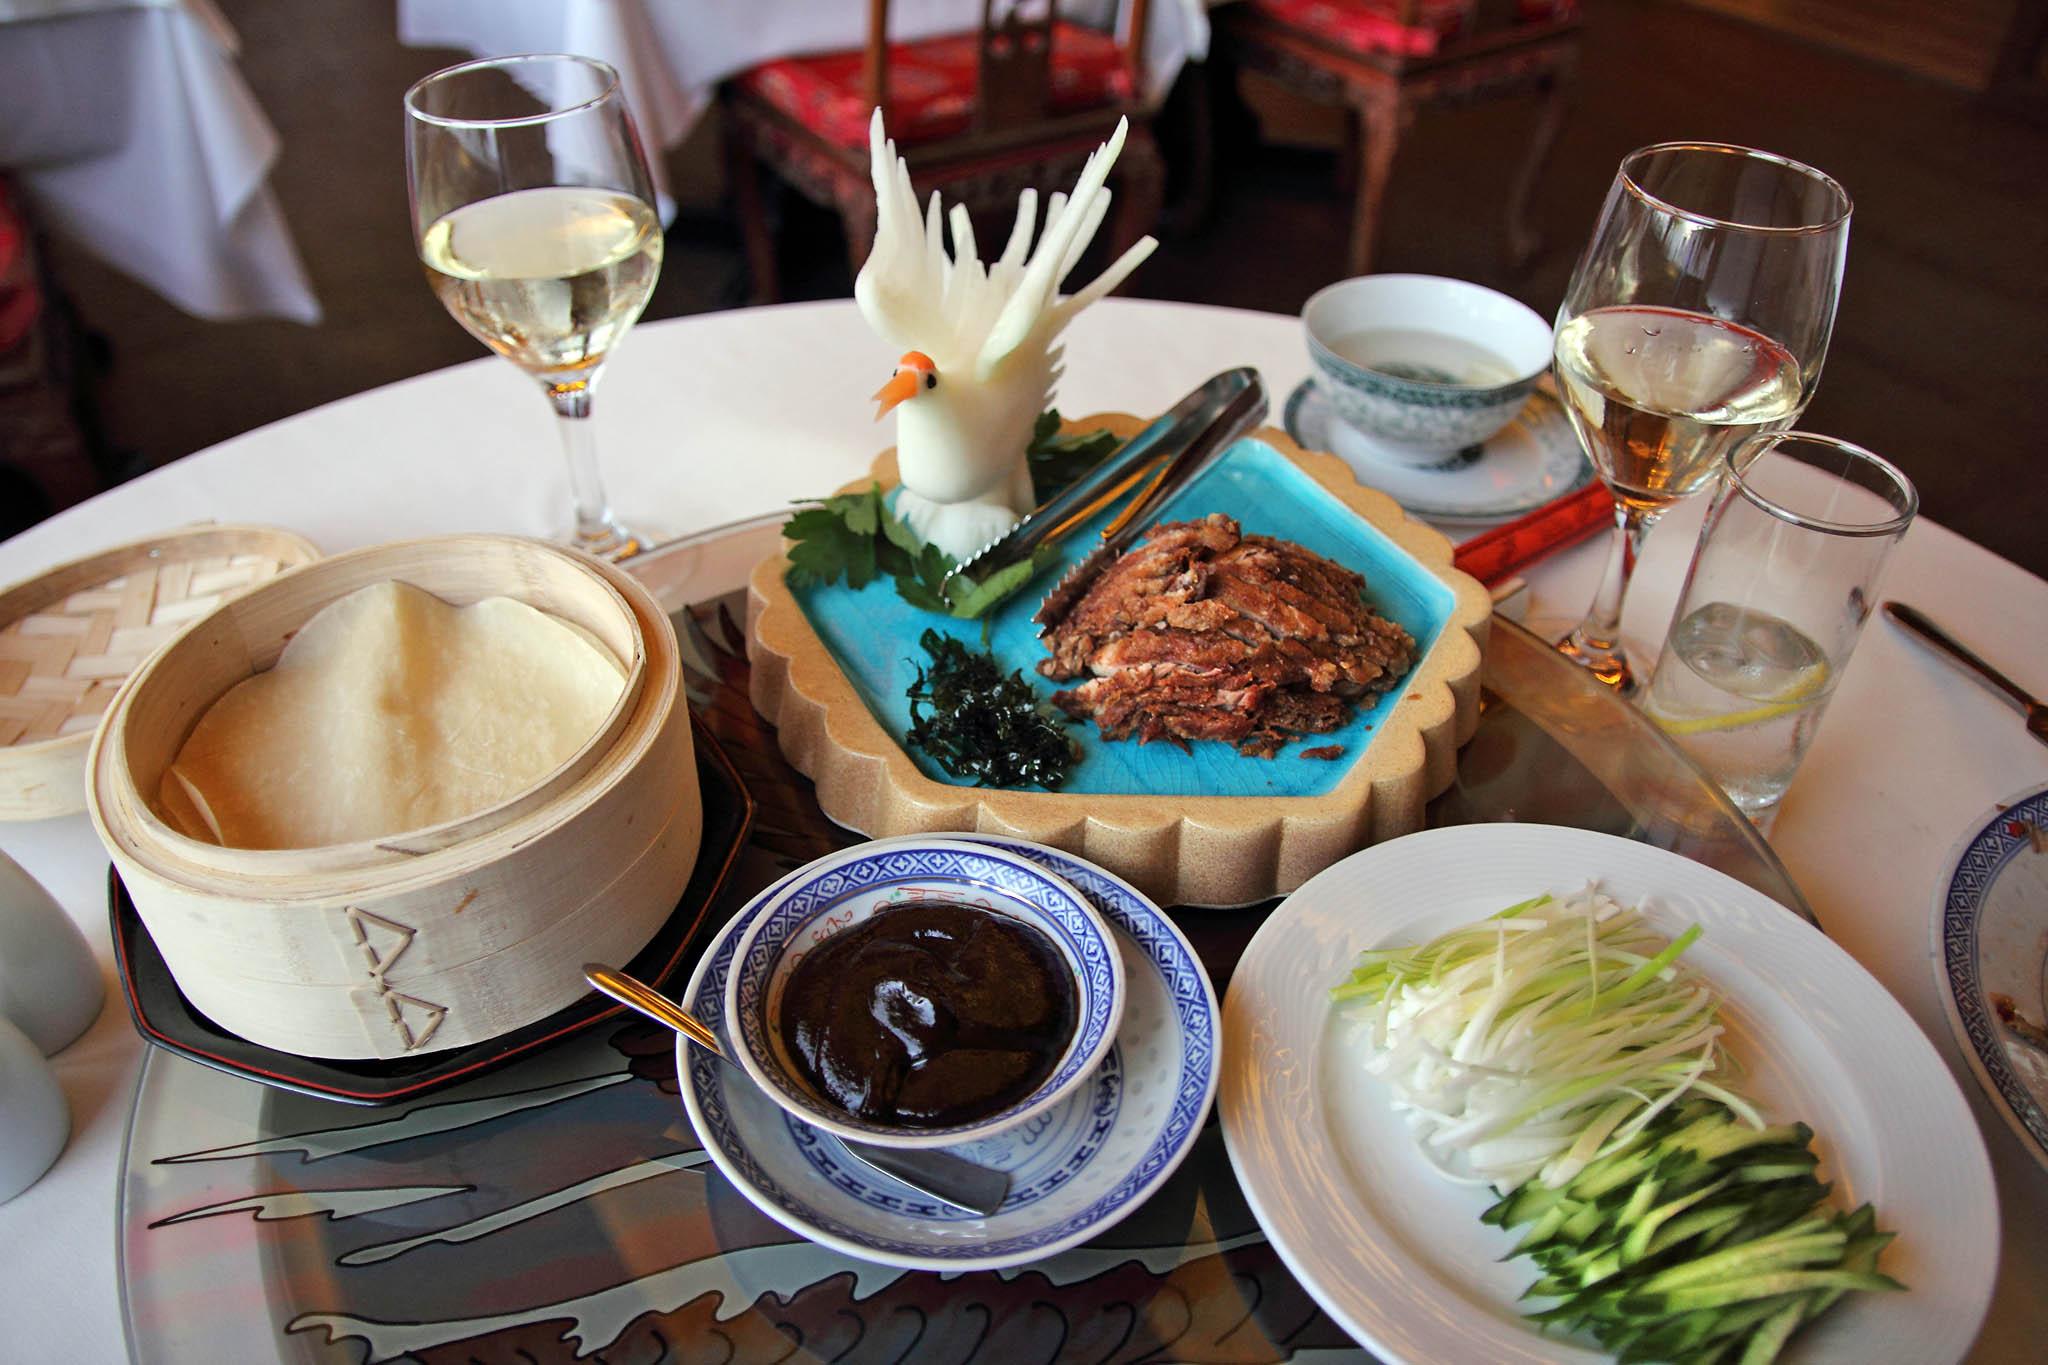 Утка по-пекински в ресторане Xiang Cong